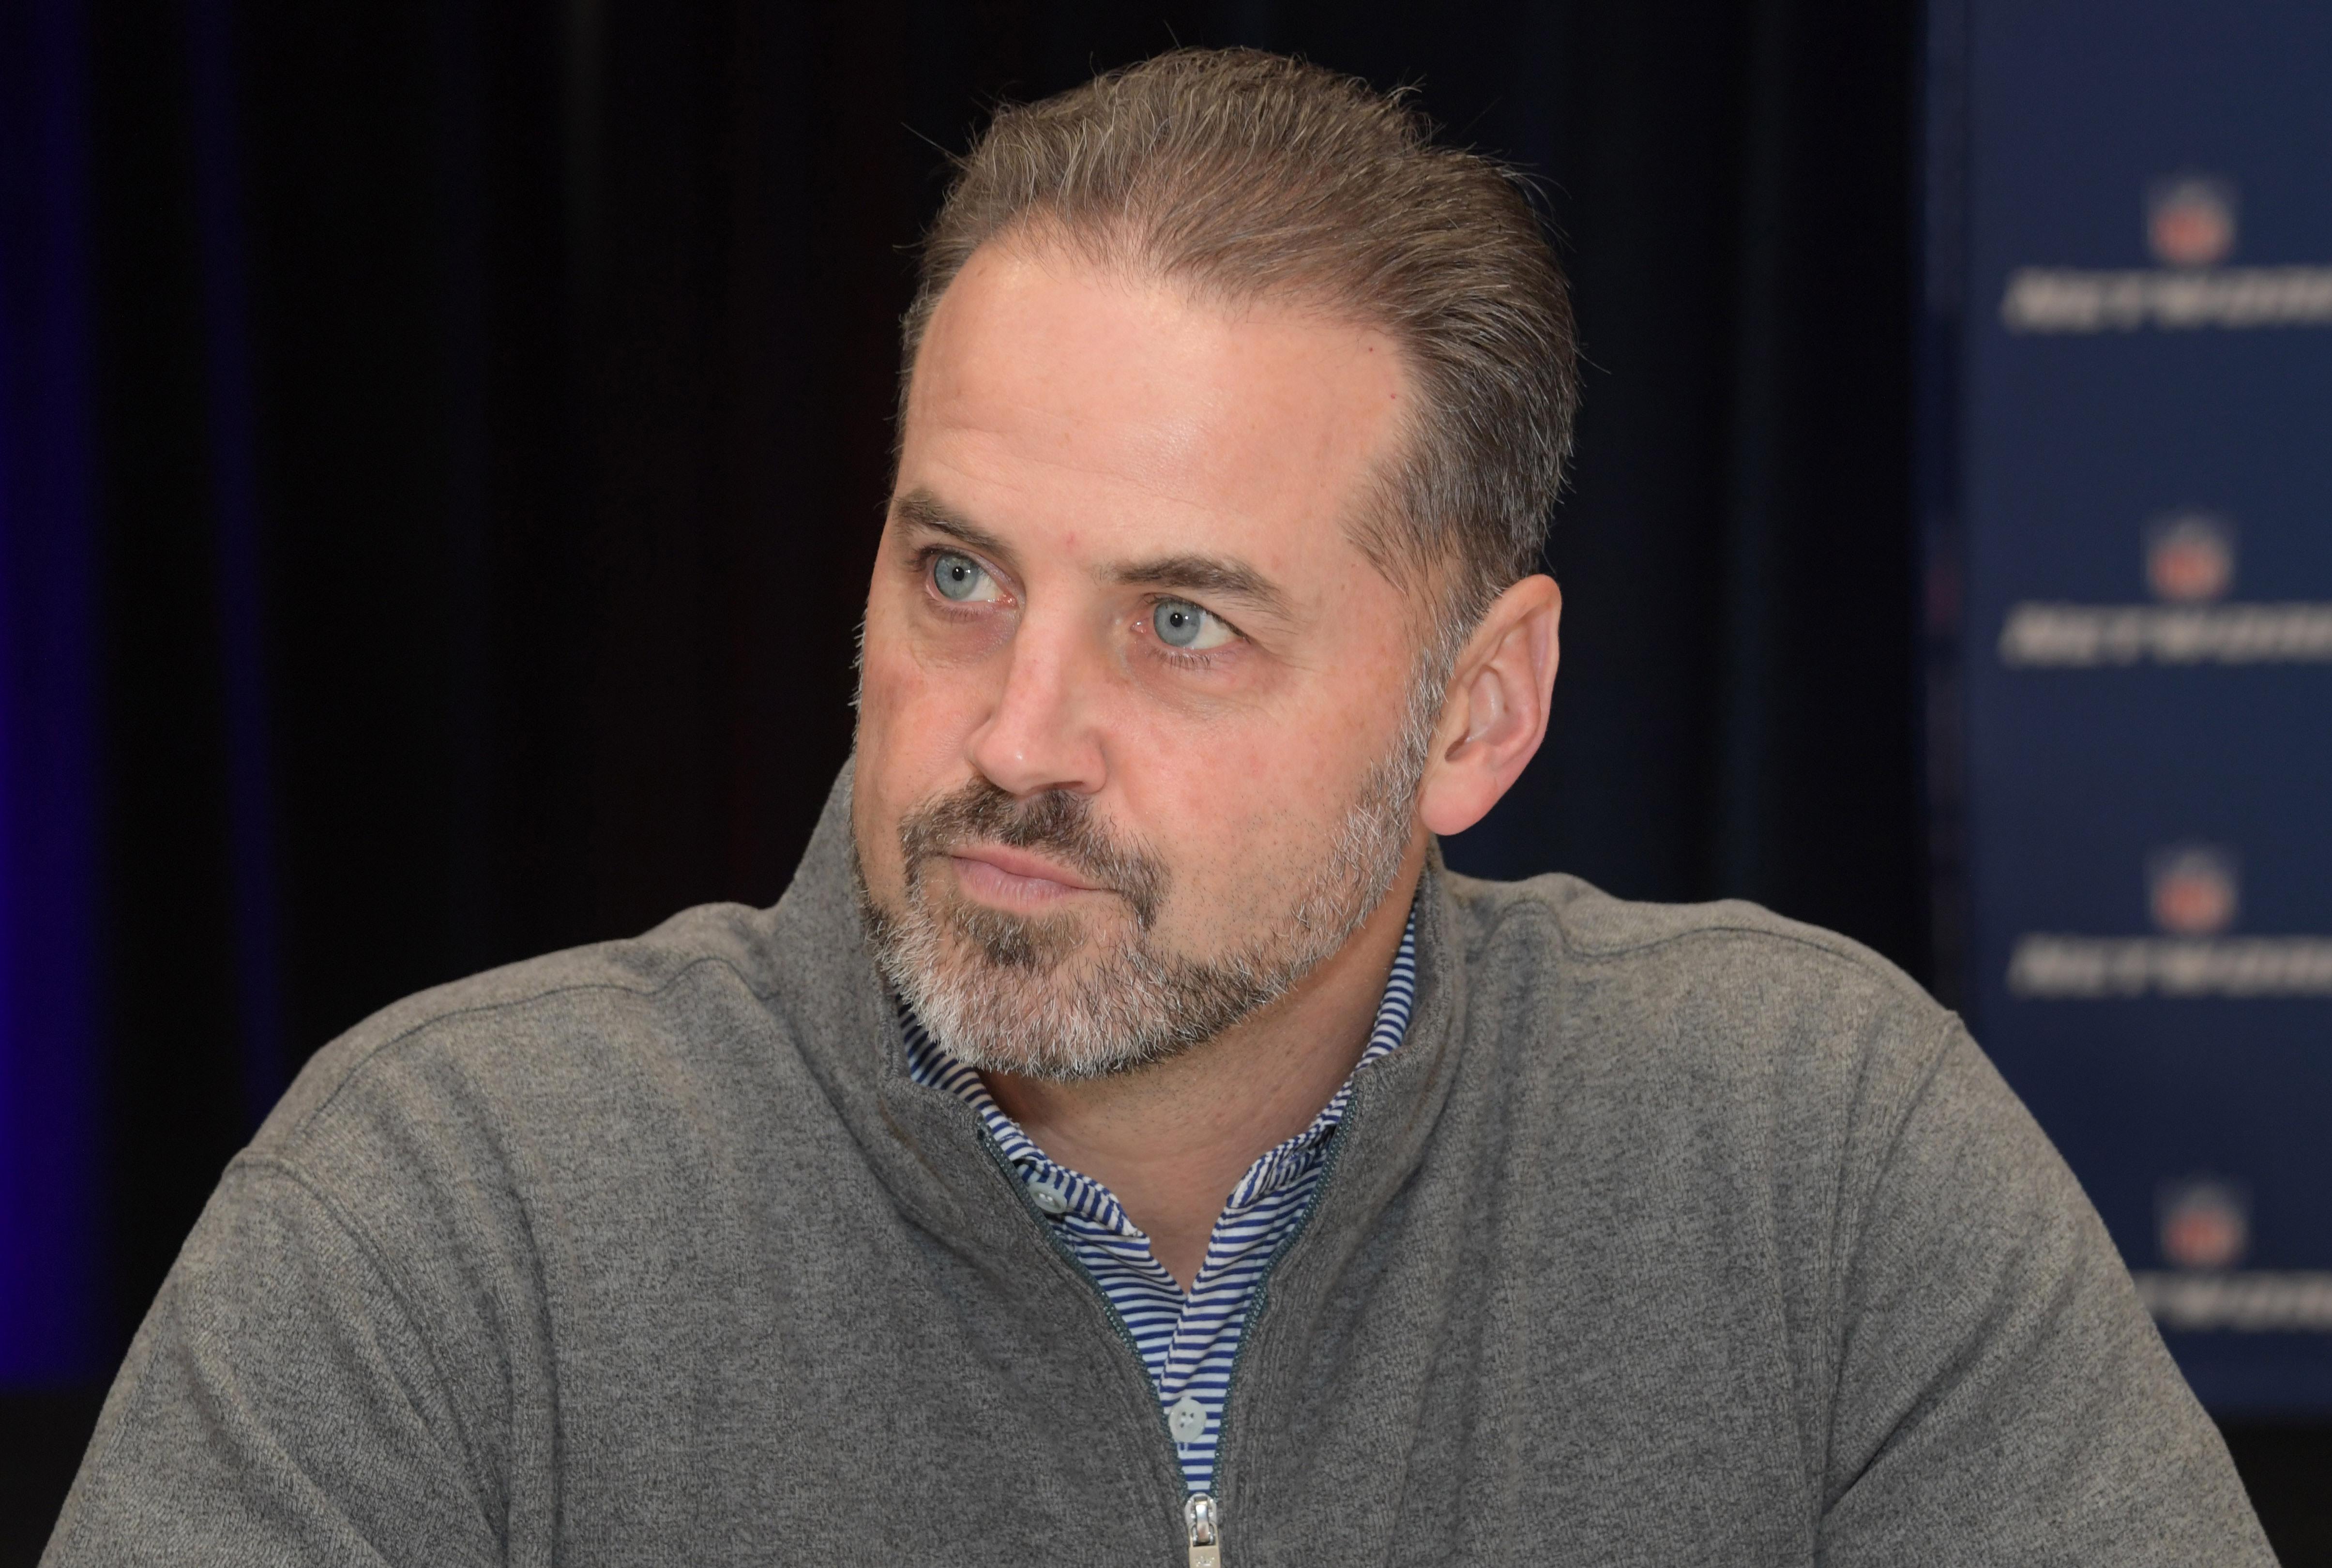 NFL: Super Bowl LIII-NFL Network Press Conference